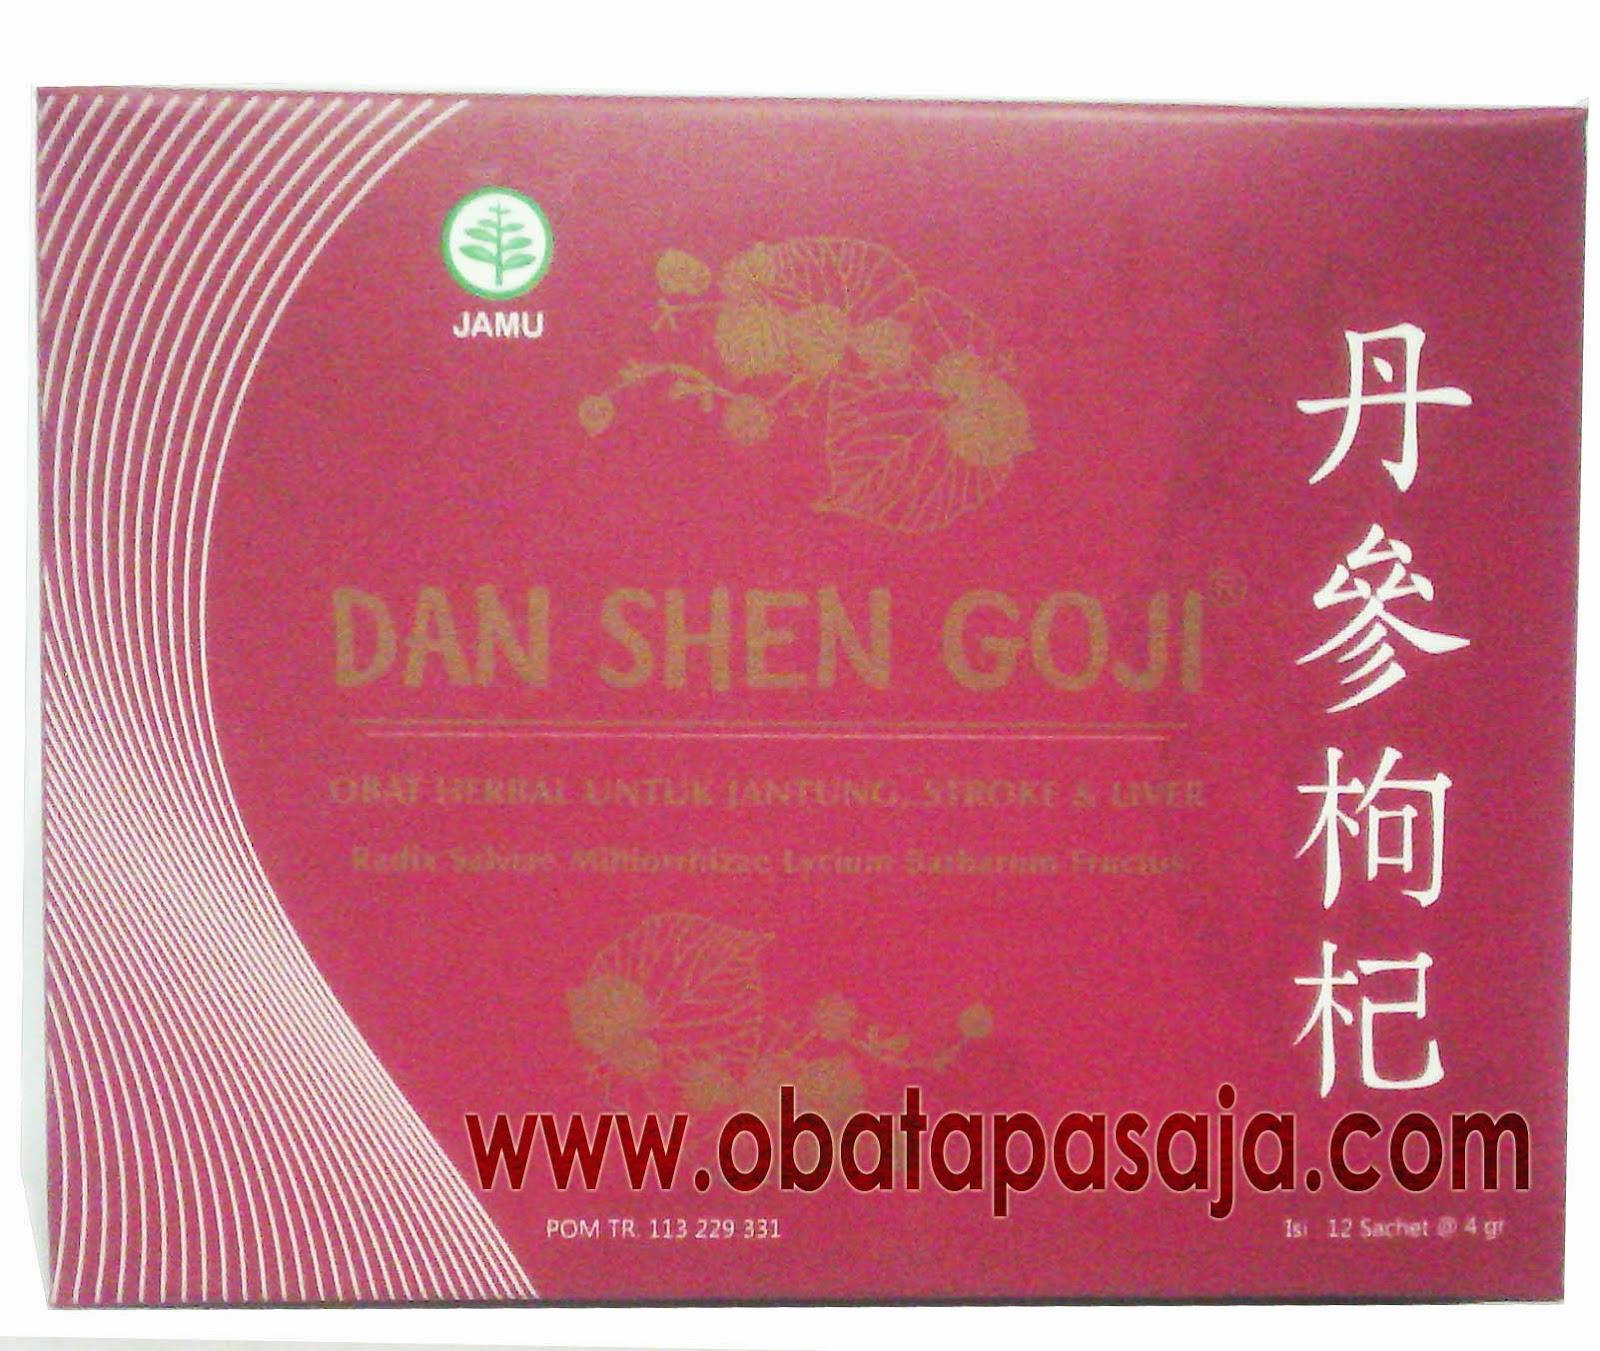 Khasiat Obat Dan Shen Goji, Cara Penyajian, dan Harga